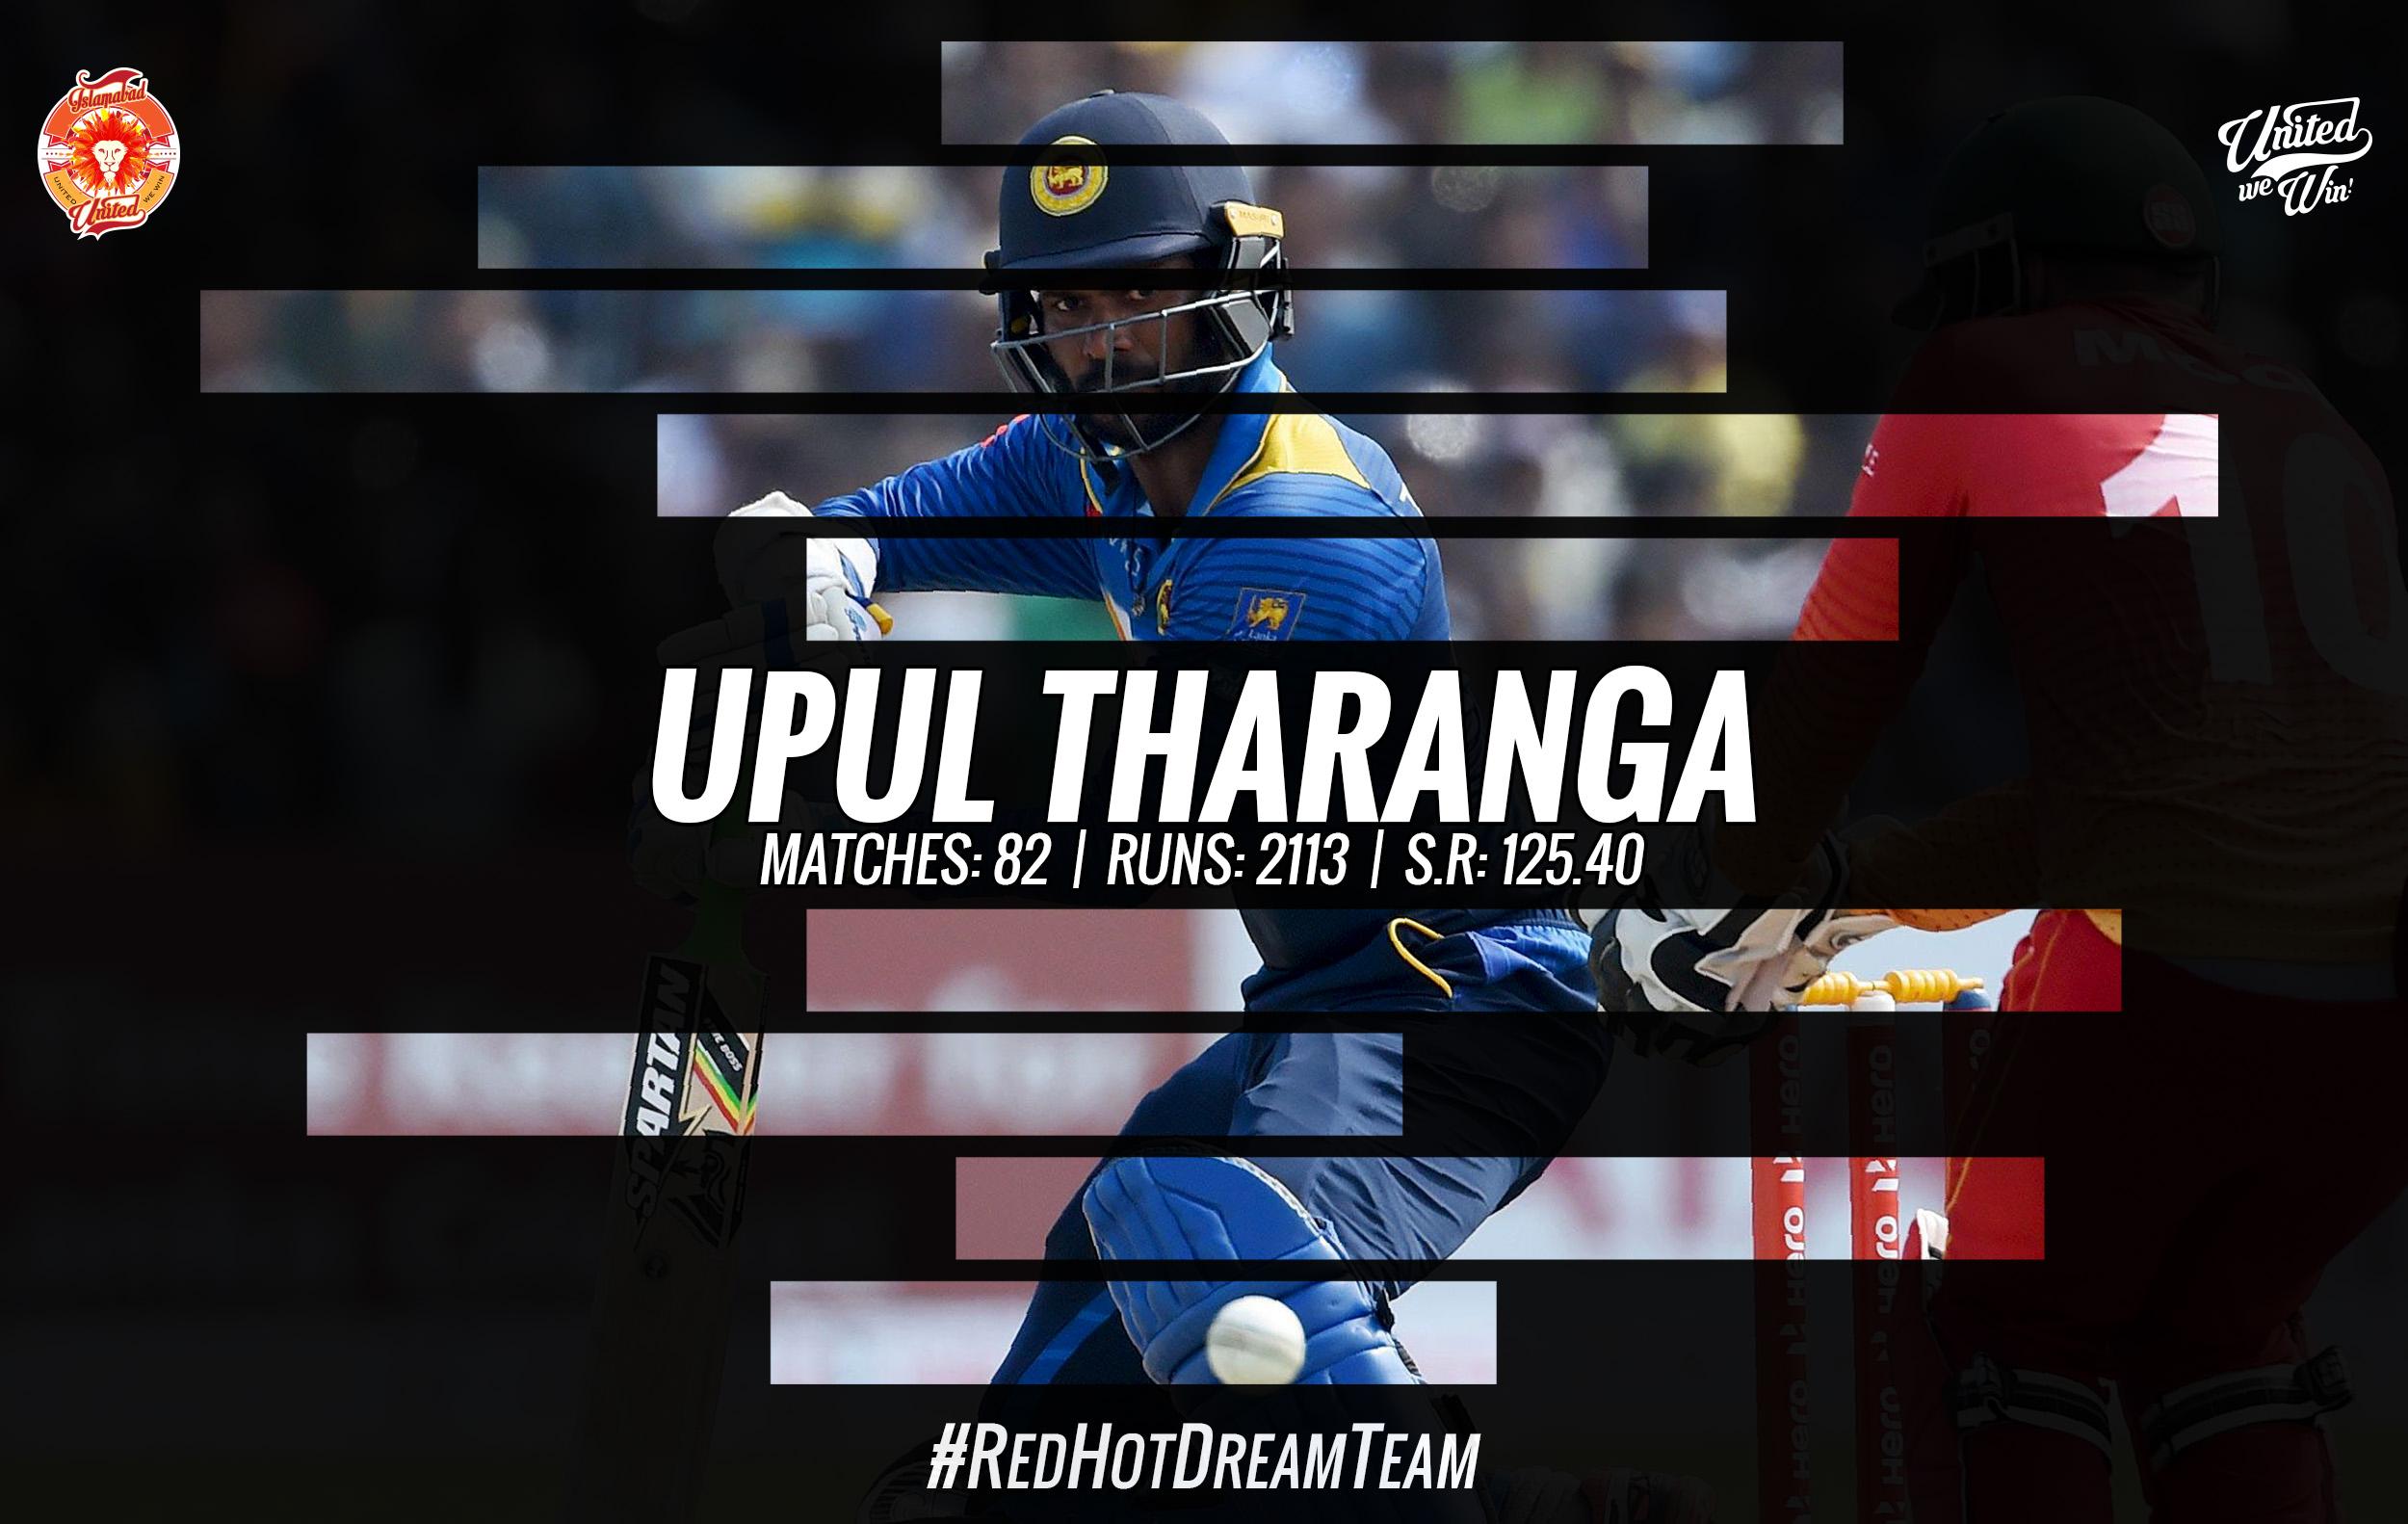 Upul Tharanga